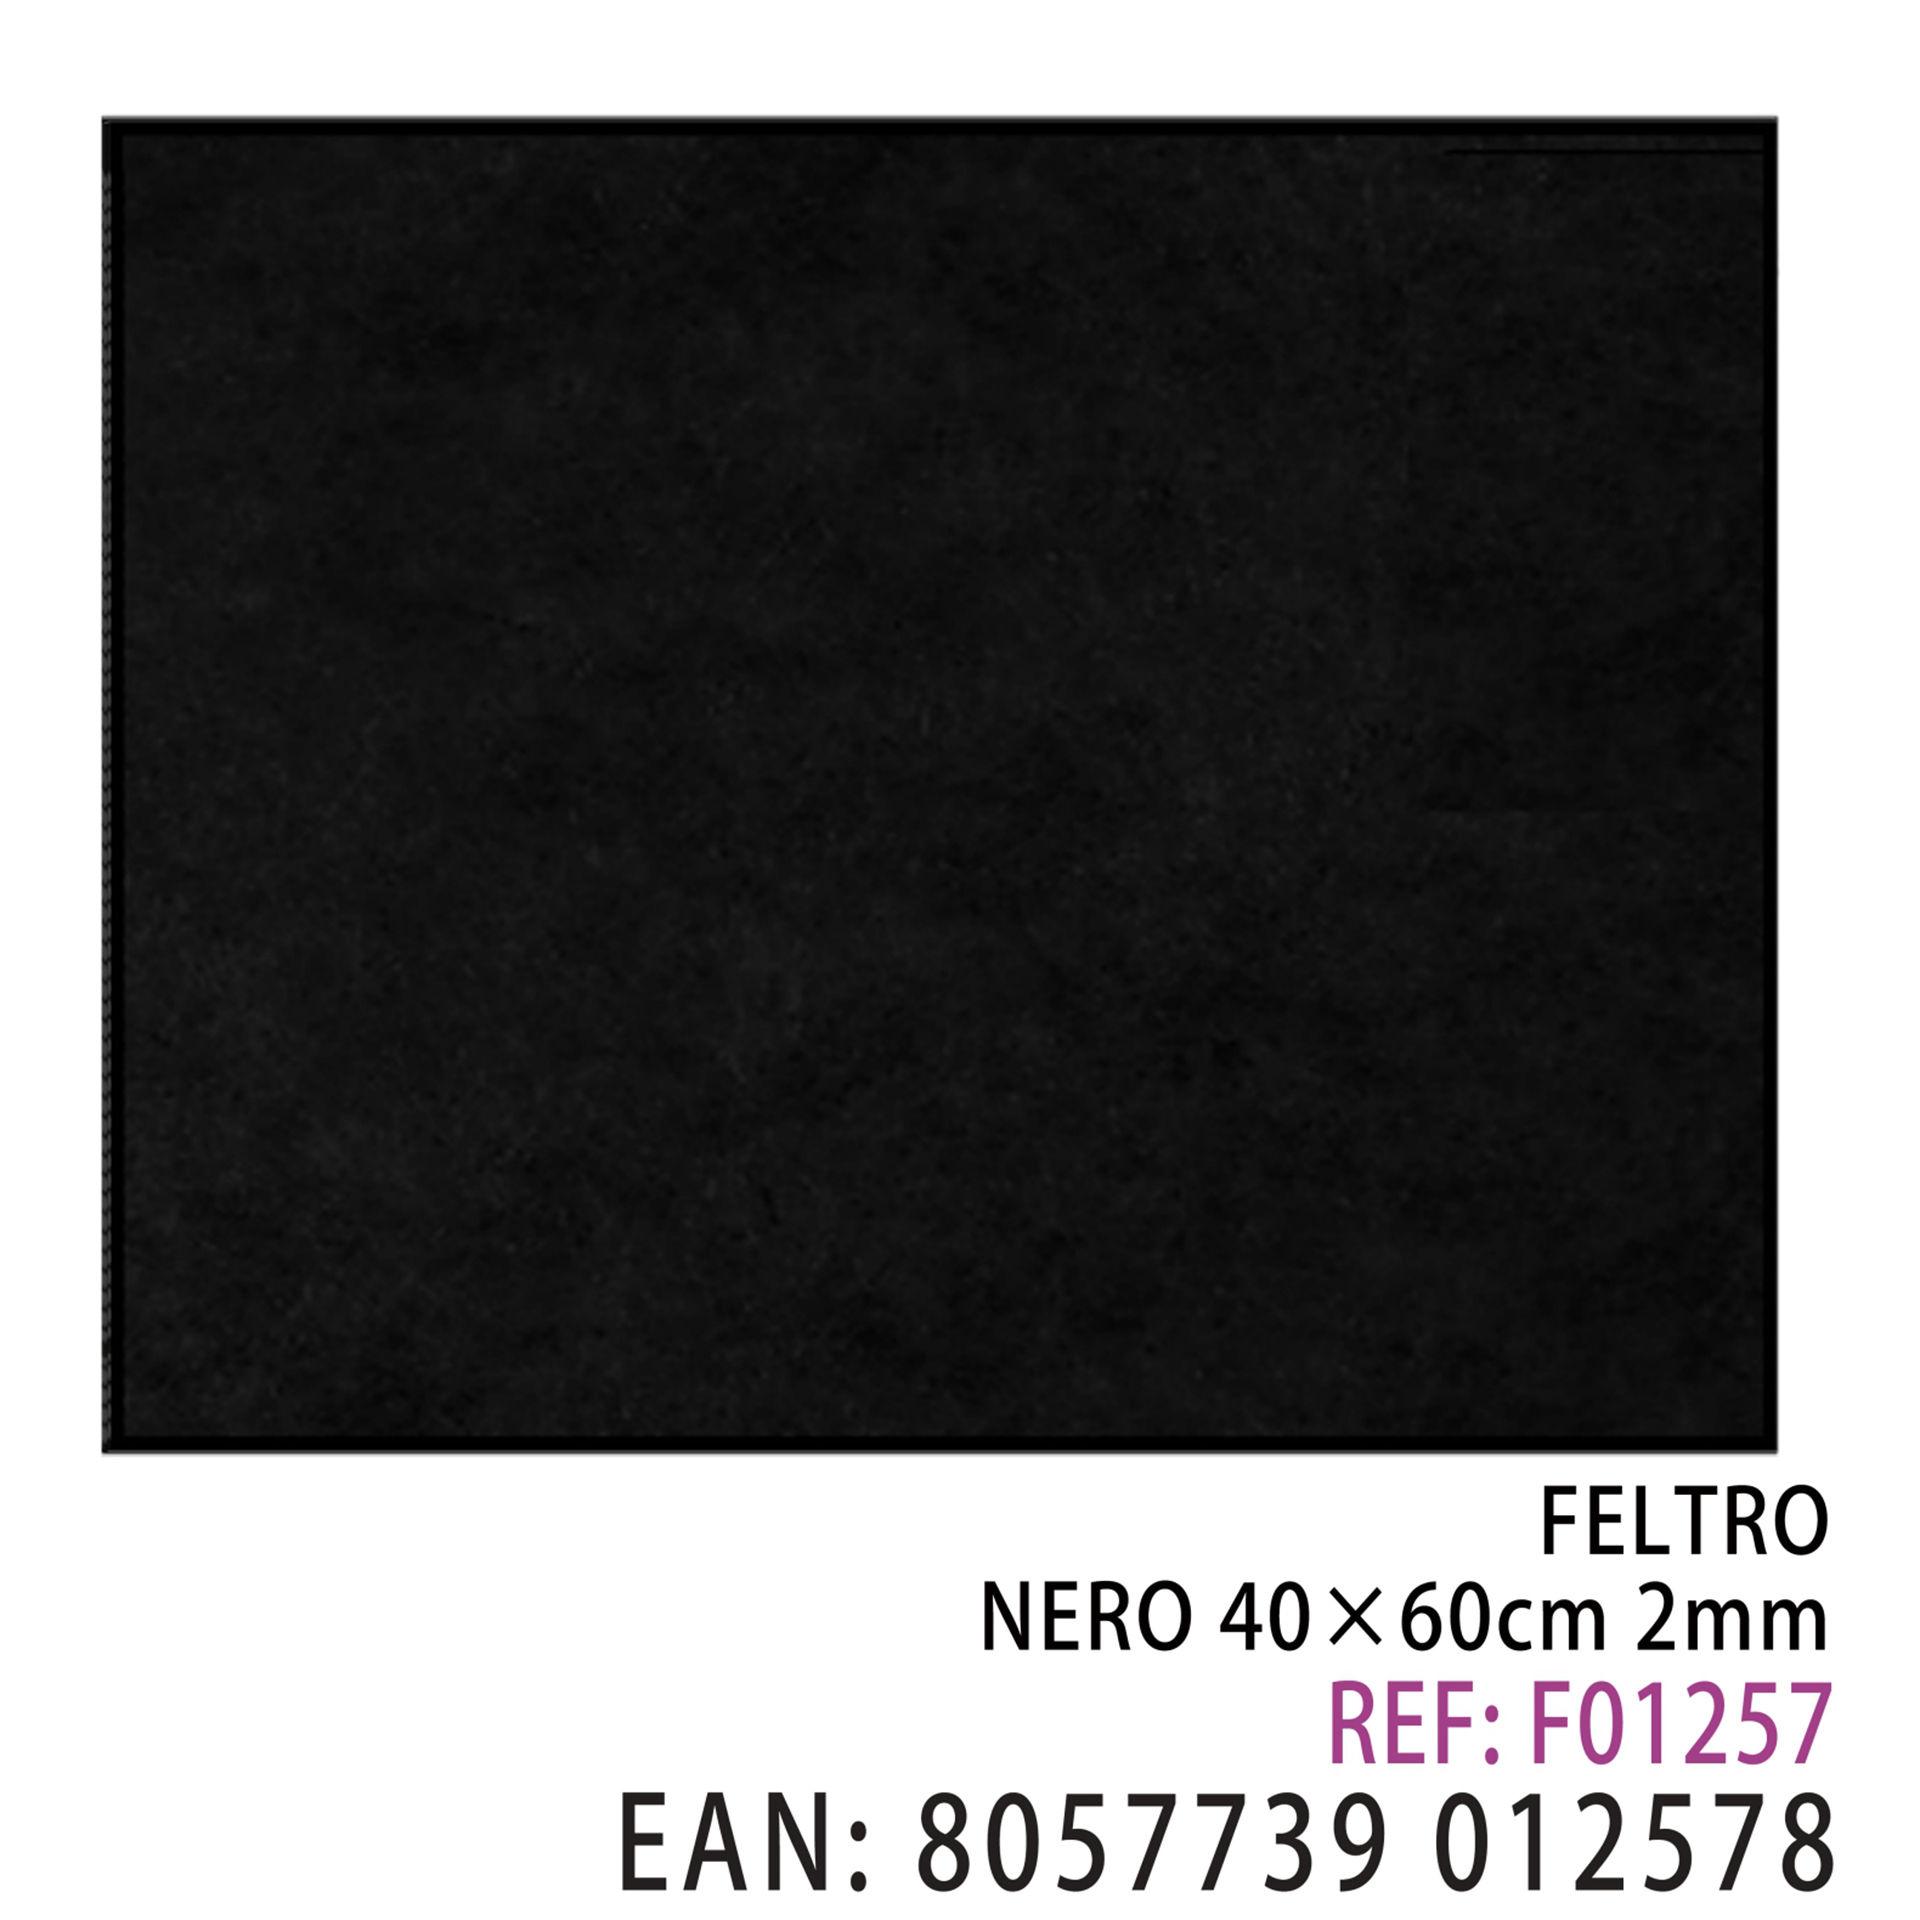 FELTRO NERO  40 X 60CM X 2MMDz